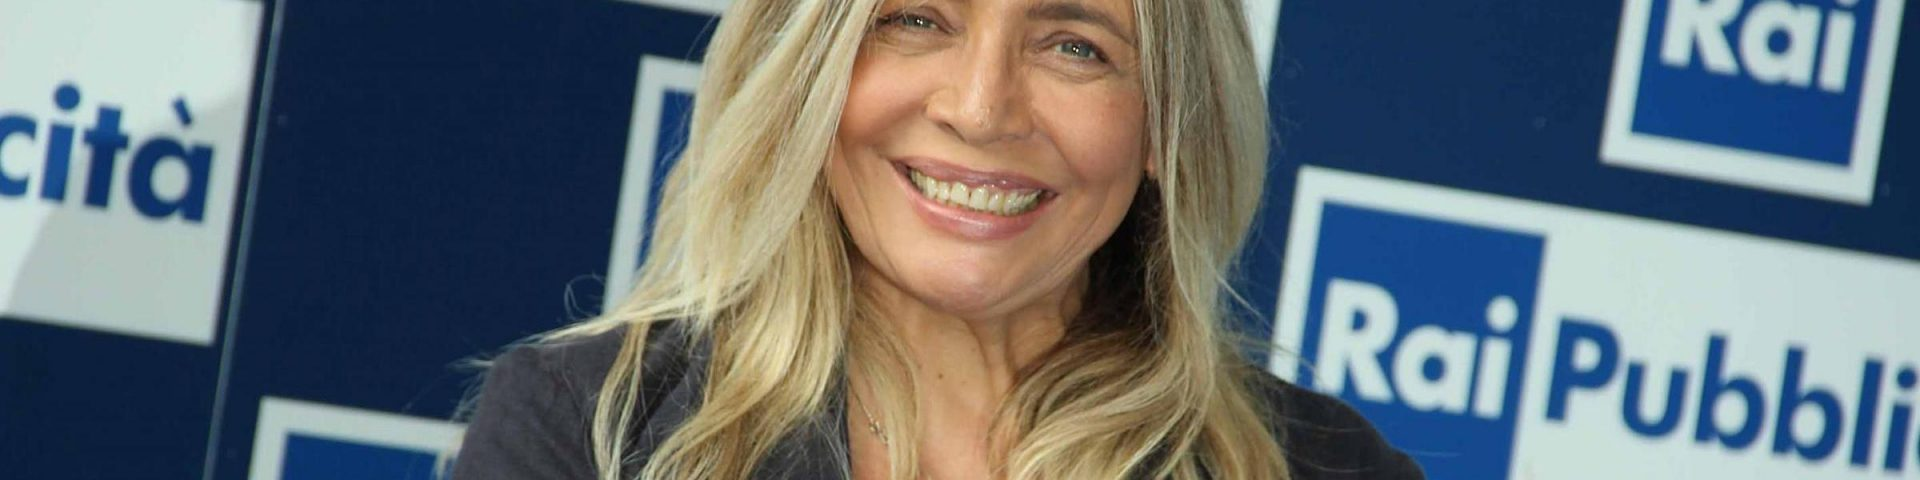 Mara Venier conduttrice della finale di Sanremo 2020